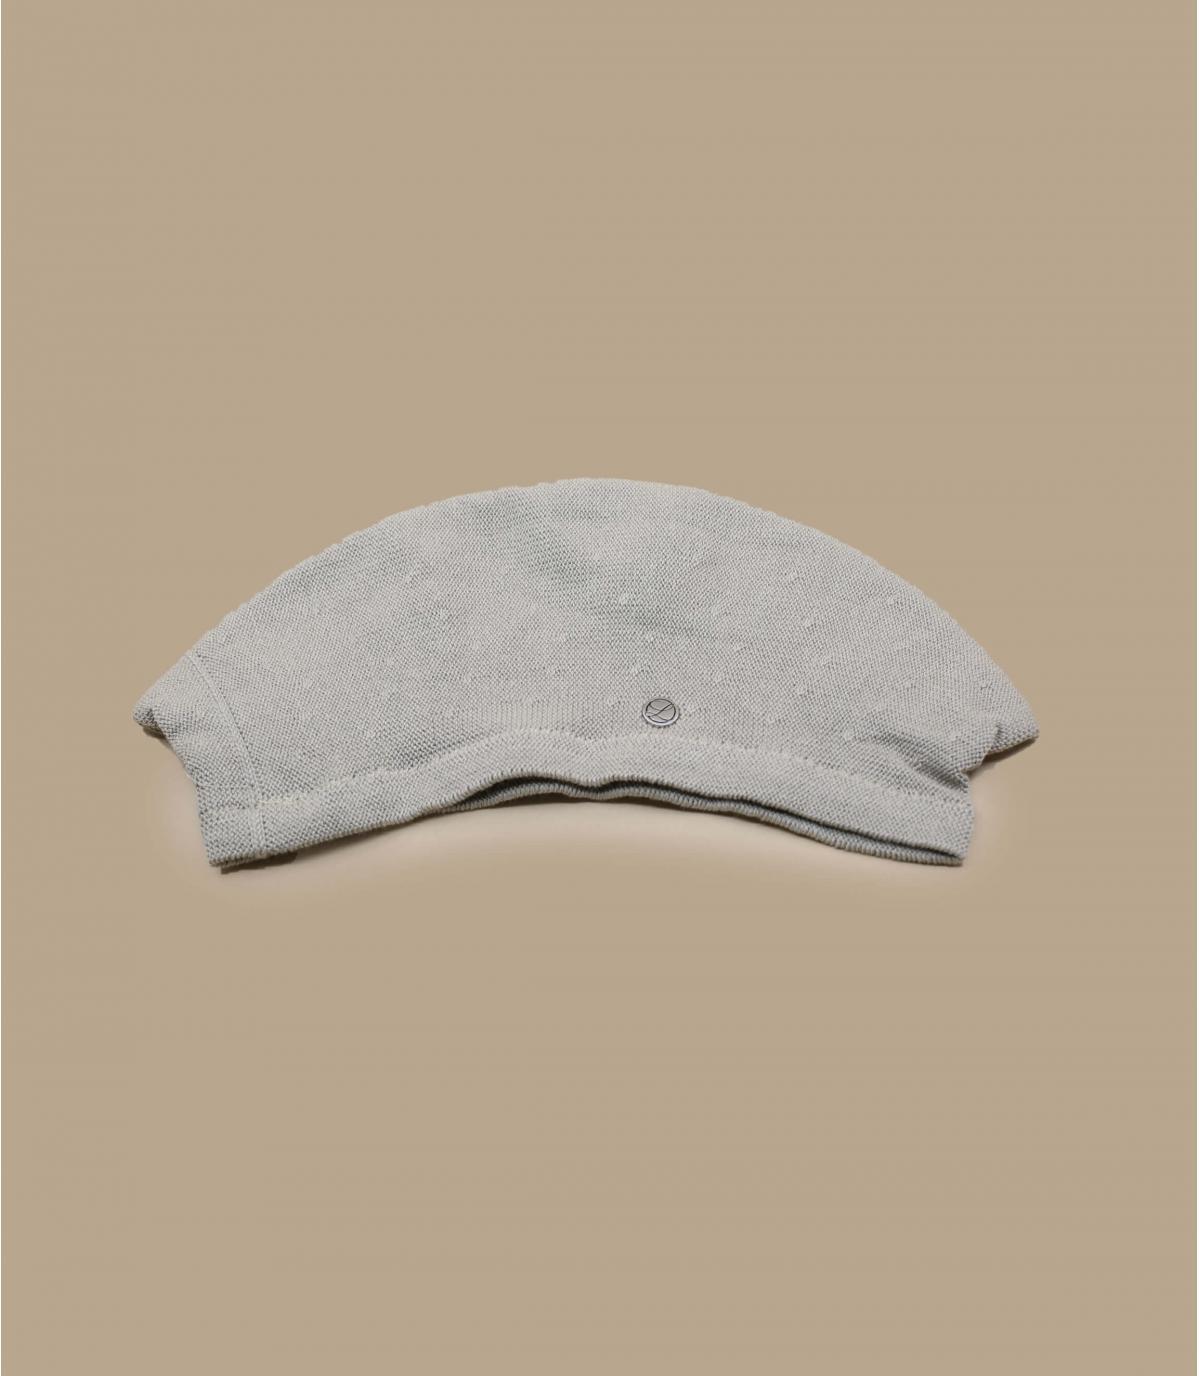 beige floppy beret Laulhère